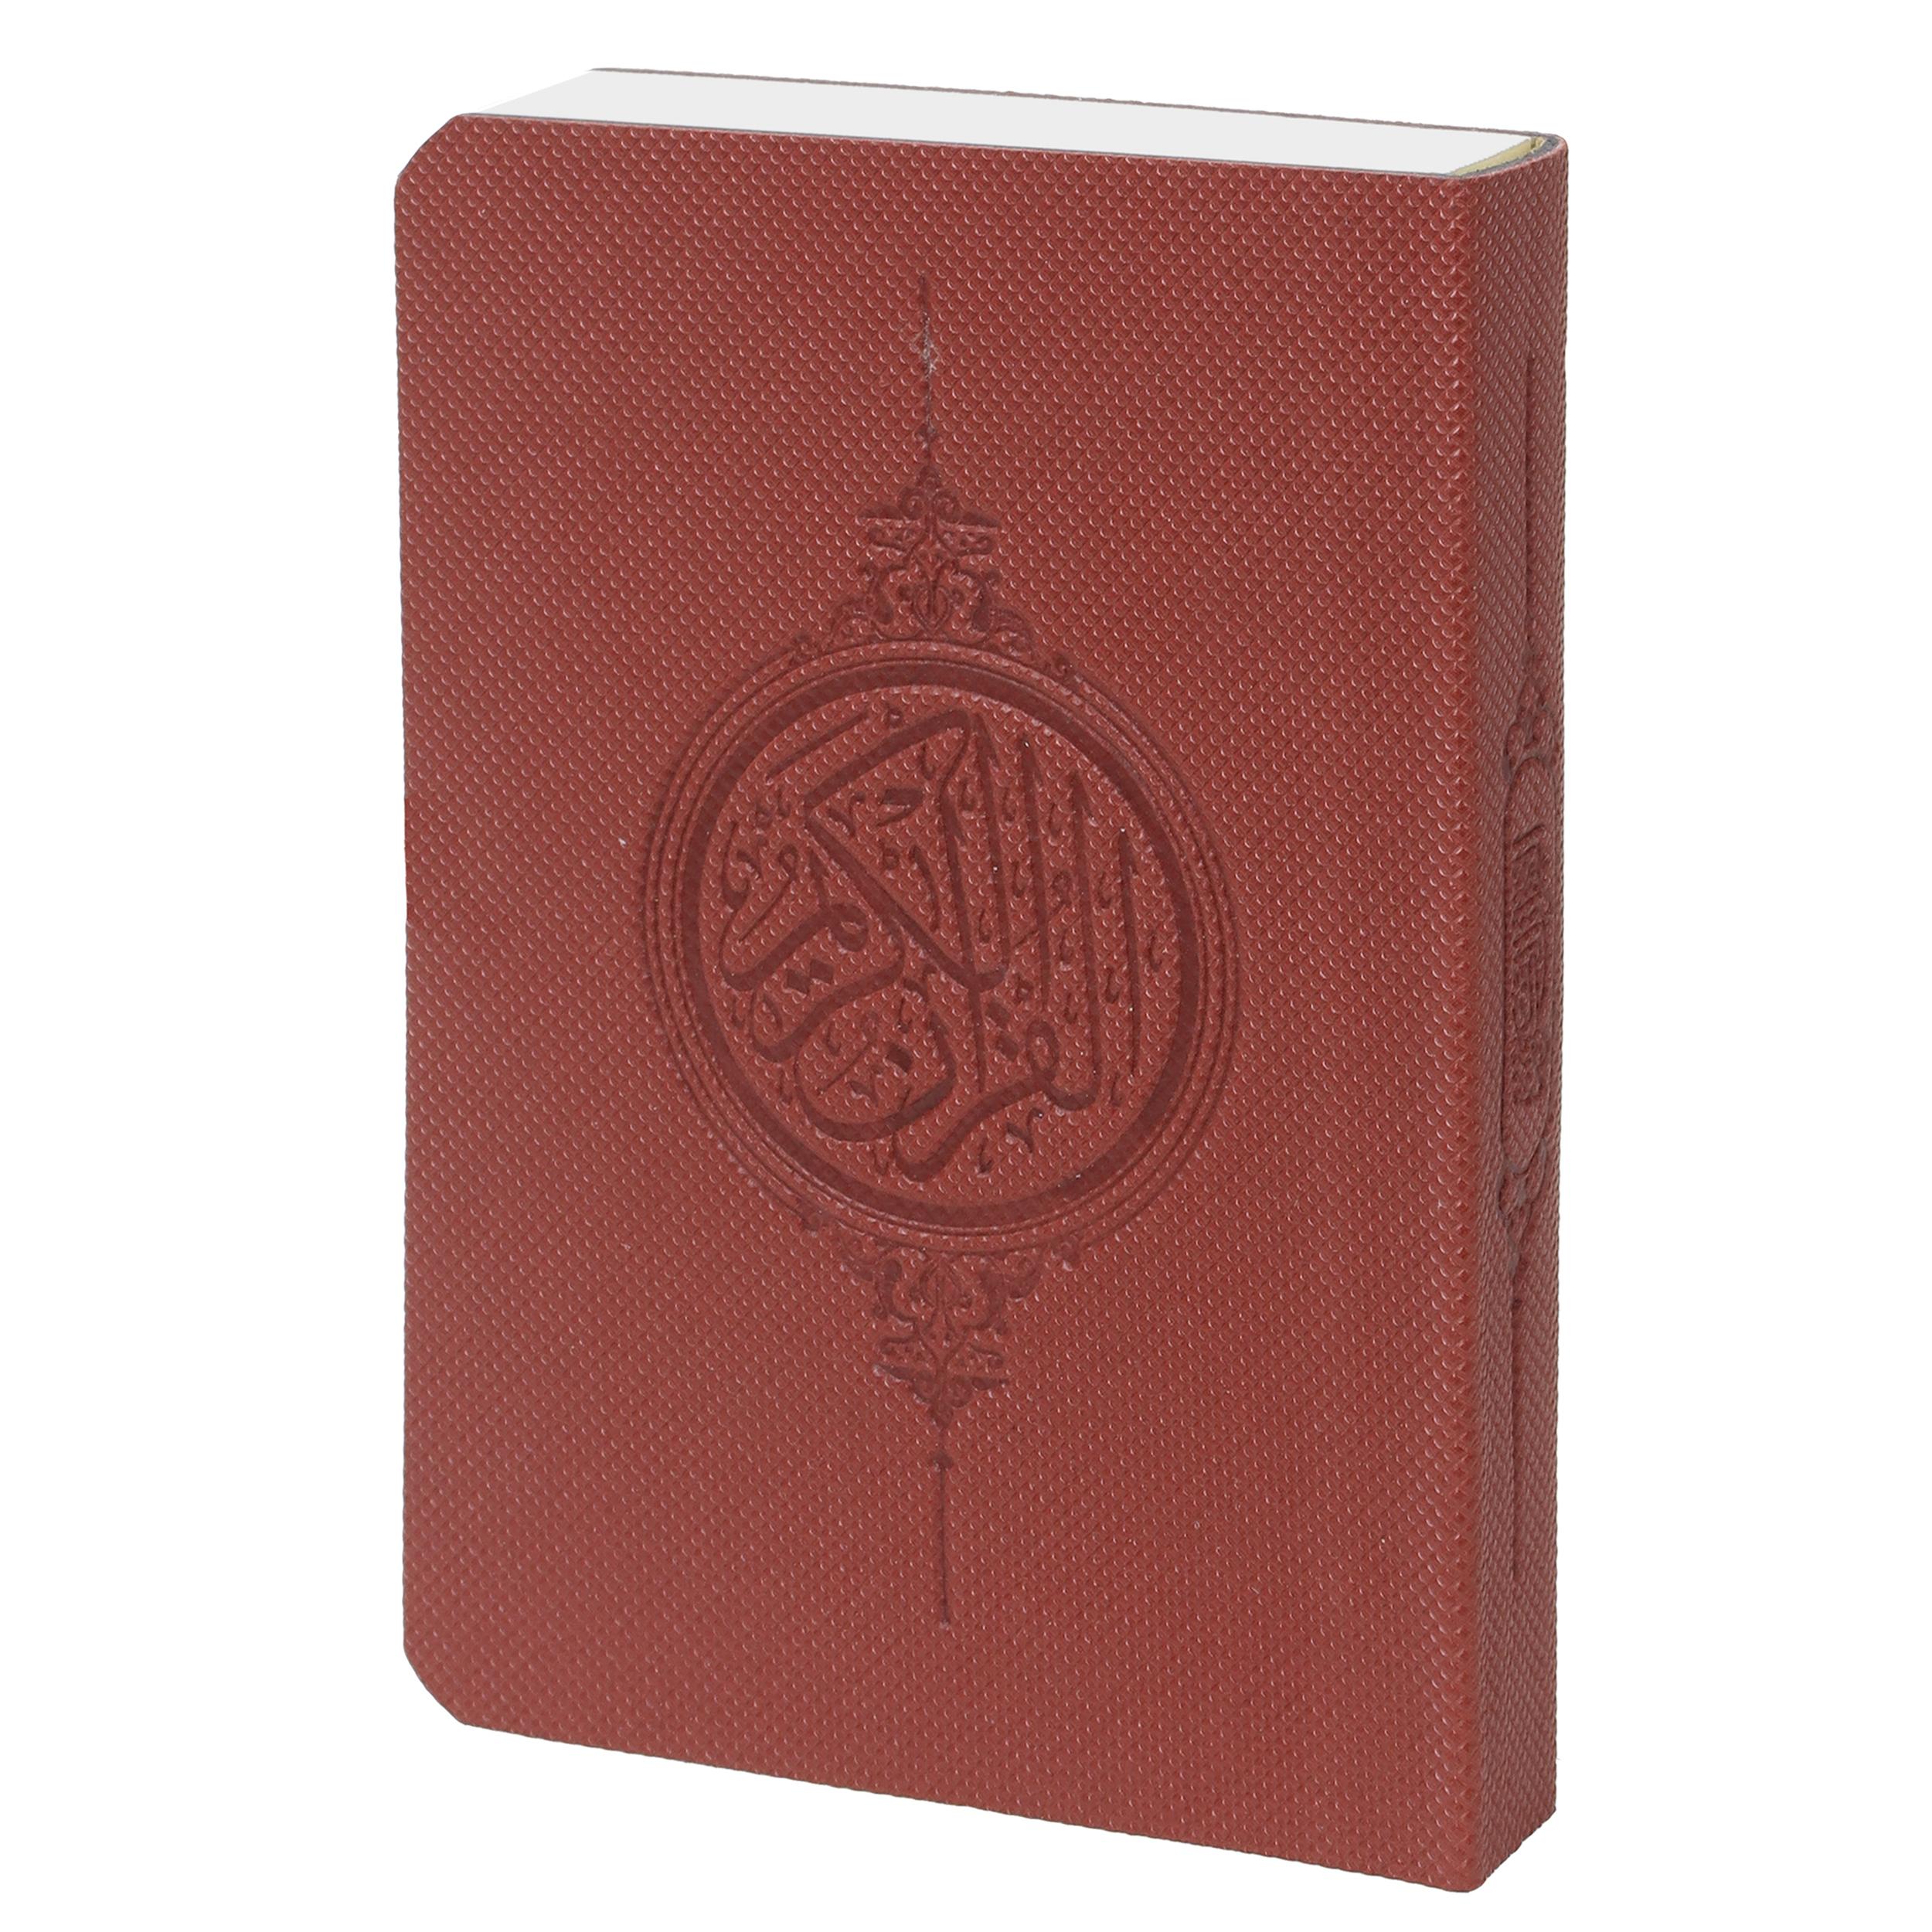 کتاب قرآن کریم نشر مرکز طبع و نشر قرآن جمهوری اسلامی ایران